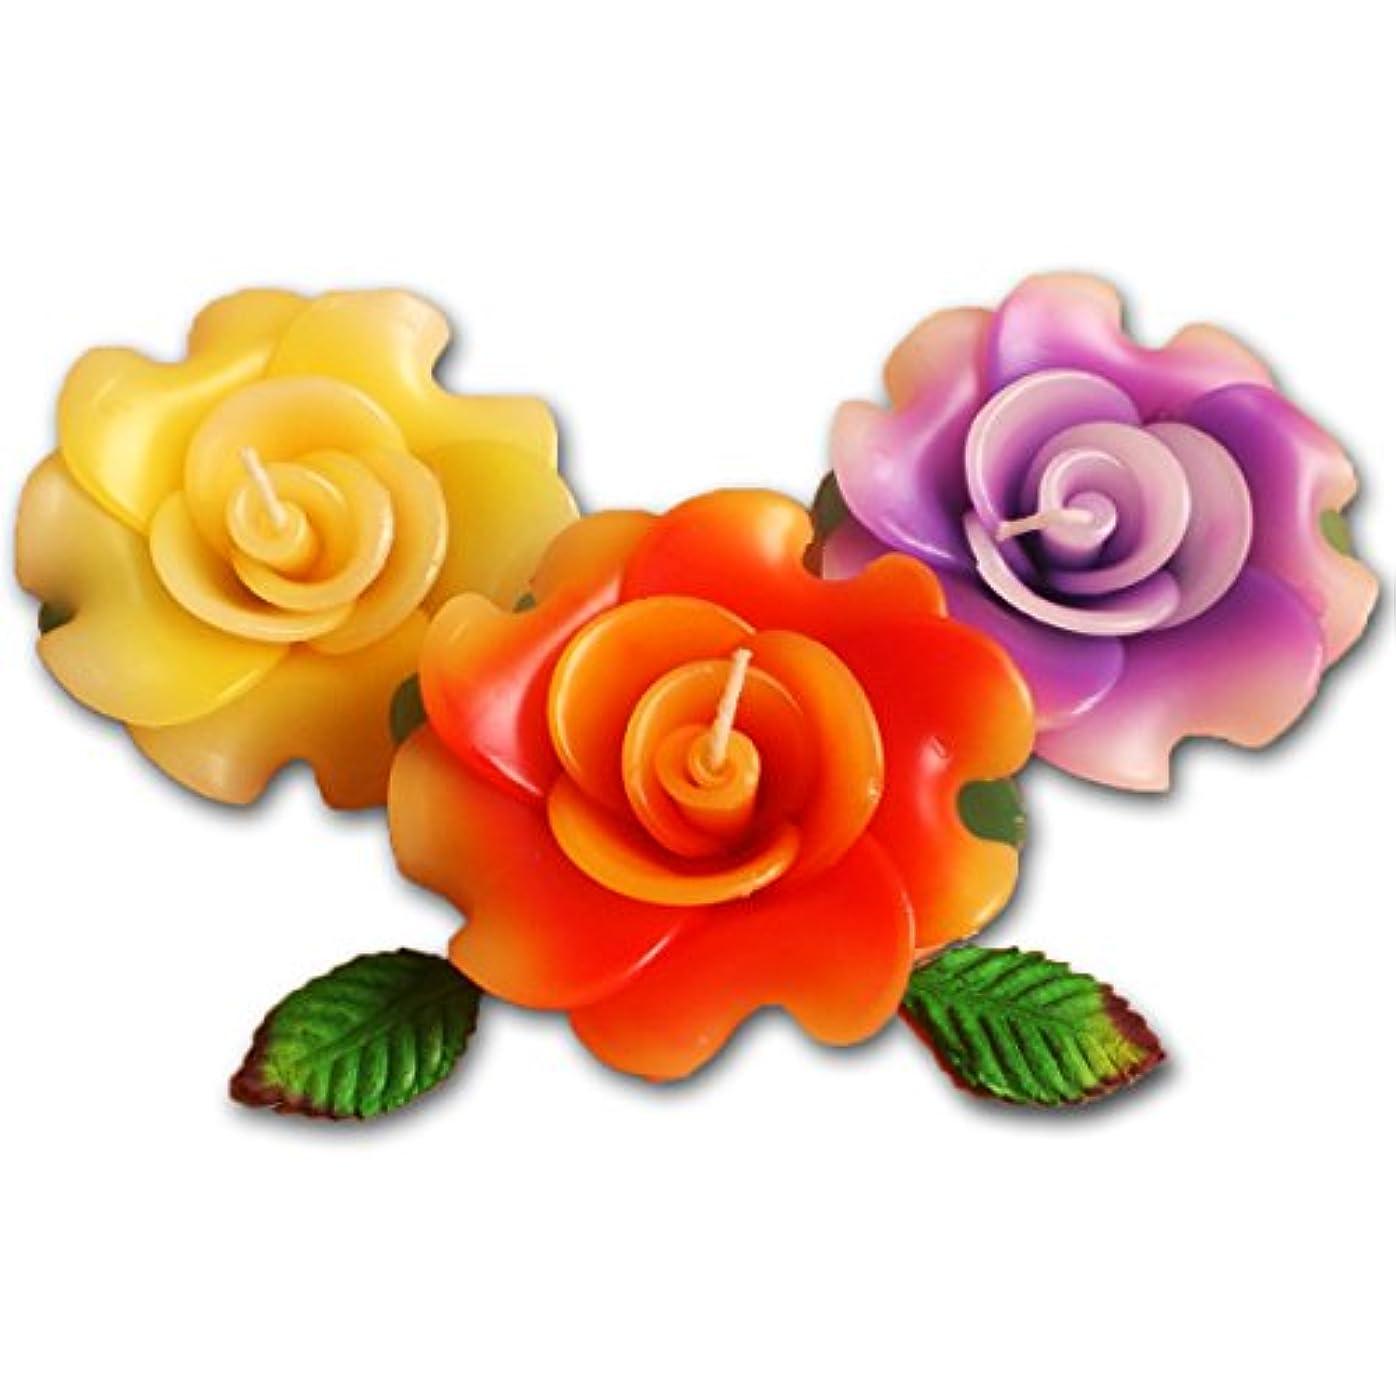 耐えられない毎年なんでもフローティングキャンドル ローズ薔薇 12個入り アソート 香りつきアロマキャンドル 水に浮かぶ 退職ギフト 結婚式二次会プチギフト (12個入り)